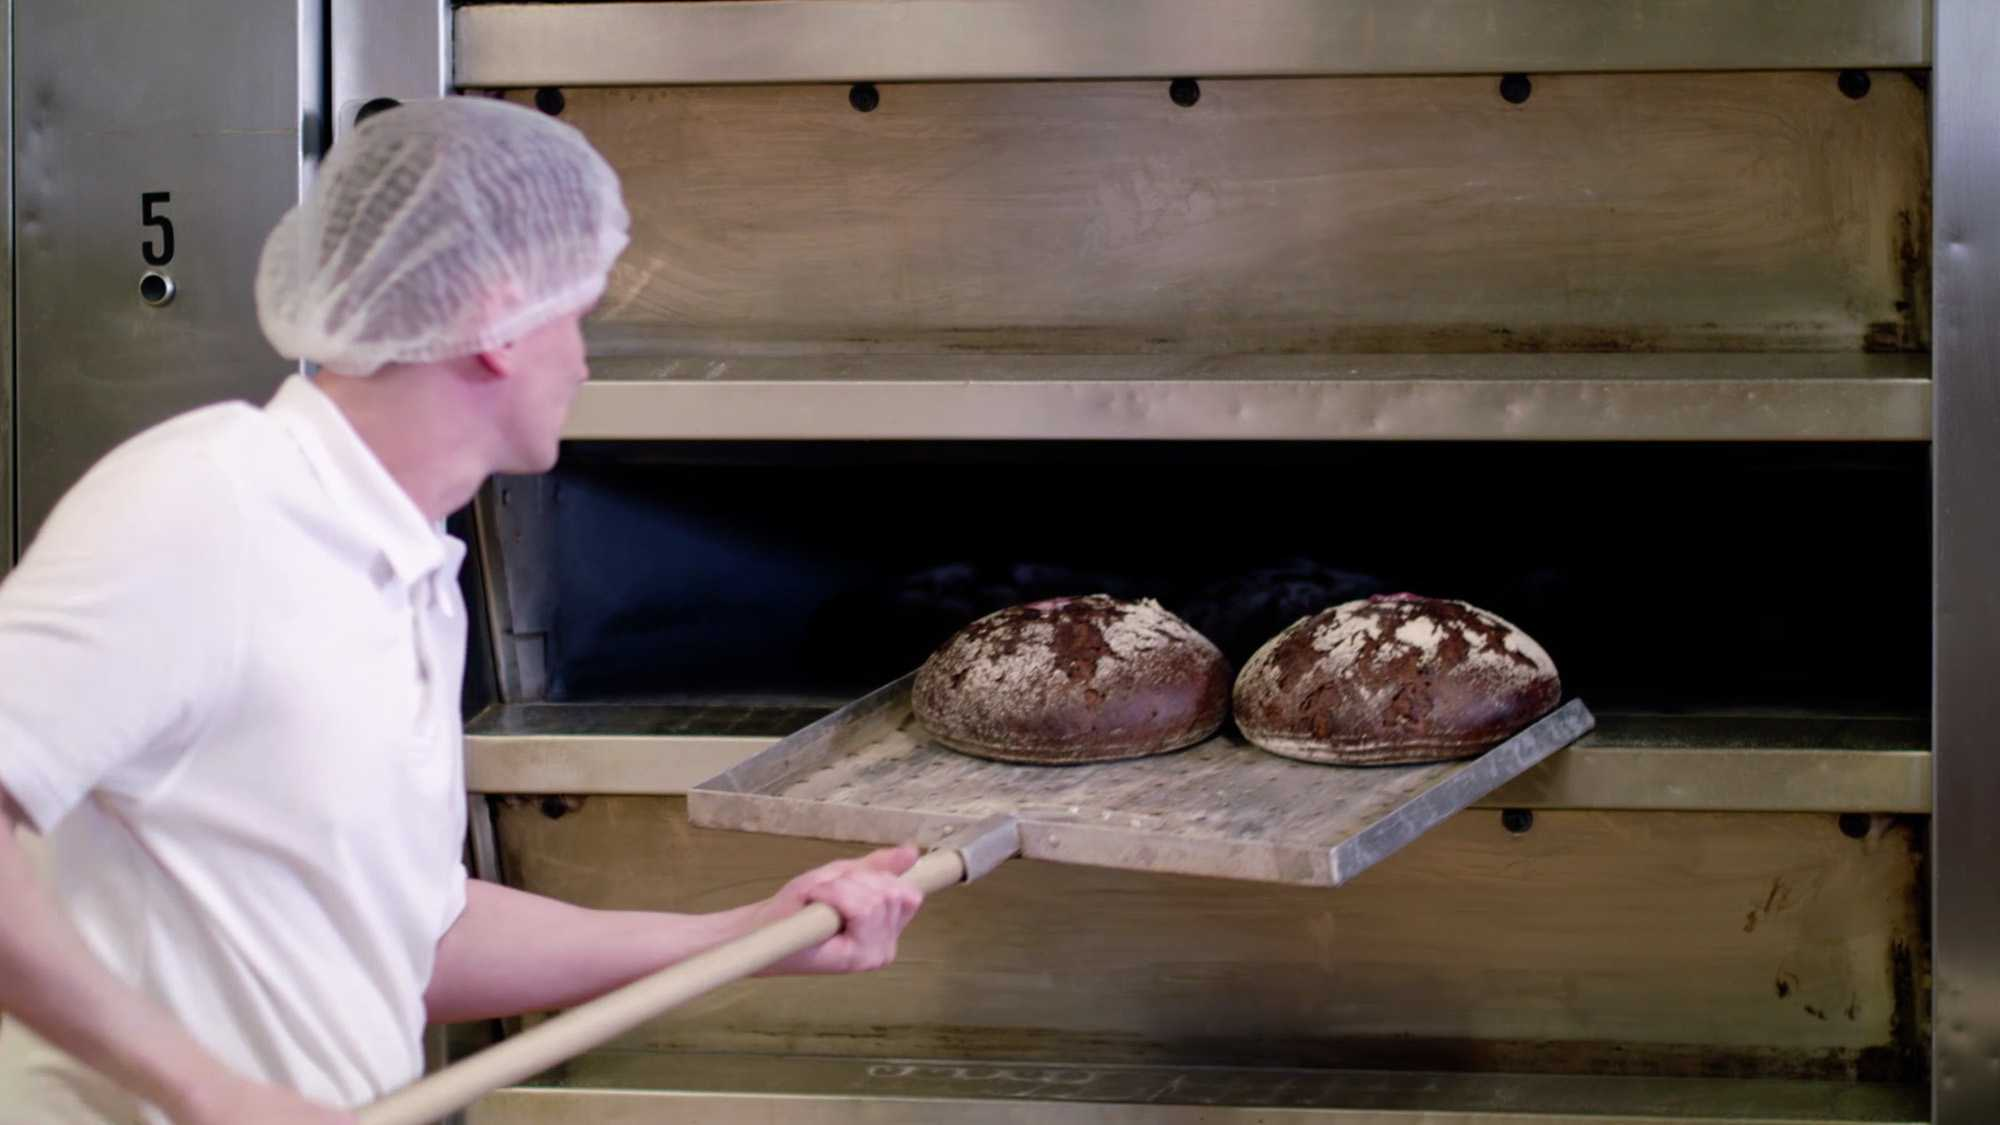 Das Bild zeigt einen Mann. Man sieht seinen Rücken. Er trägt auf seinem Kopf eine Haube. In seiner Hand hält er einen Spaten. Auf diesem Spaten liegen zwei Brote. Diese Brote holt er aus einem Ofen, der vor ihm steht. Das Bild dient als Sliderbild für den Portfolioeintrag Bäckerei Wimmer Produktfilm von Panda Pictures.